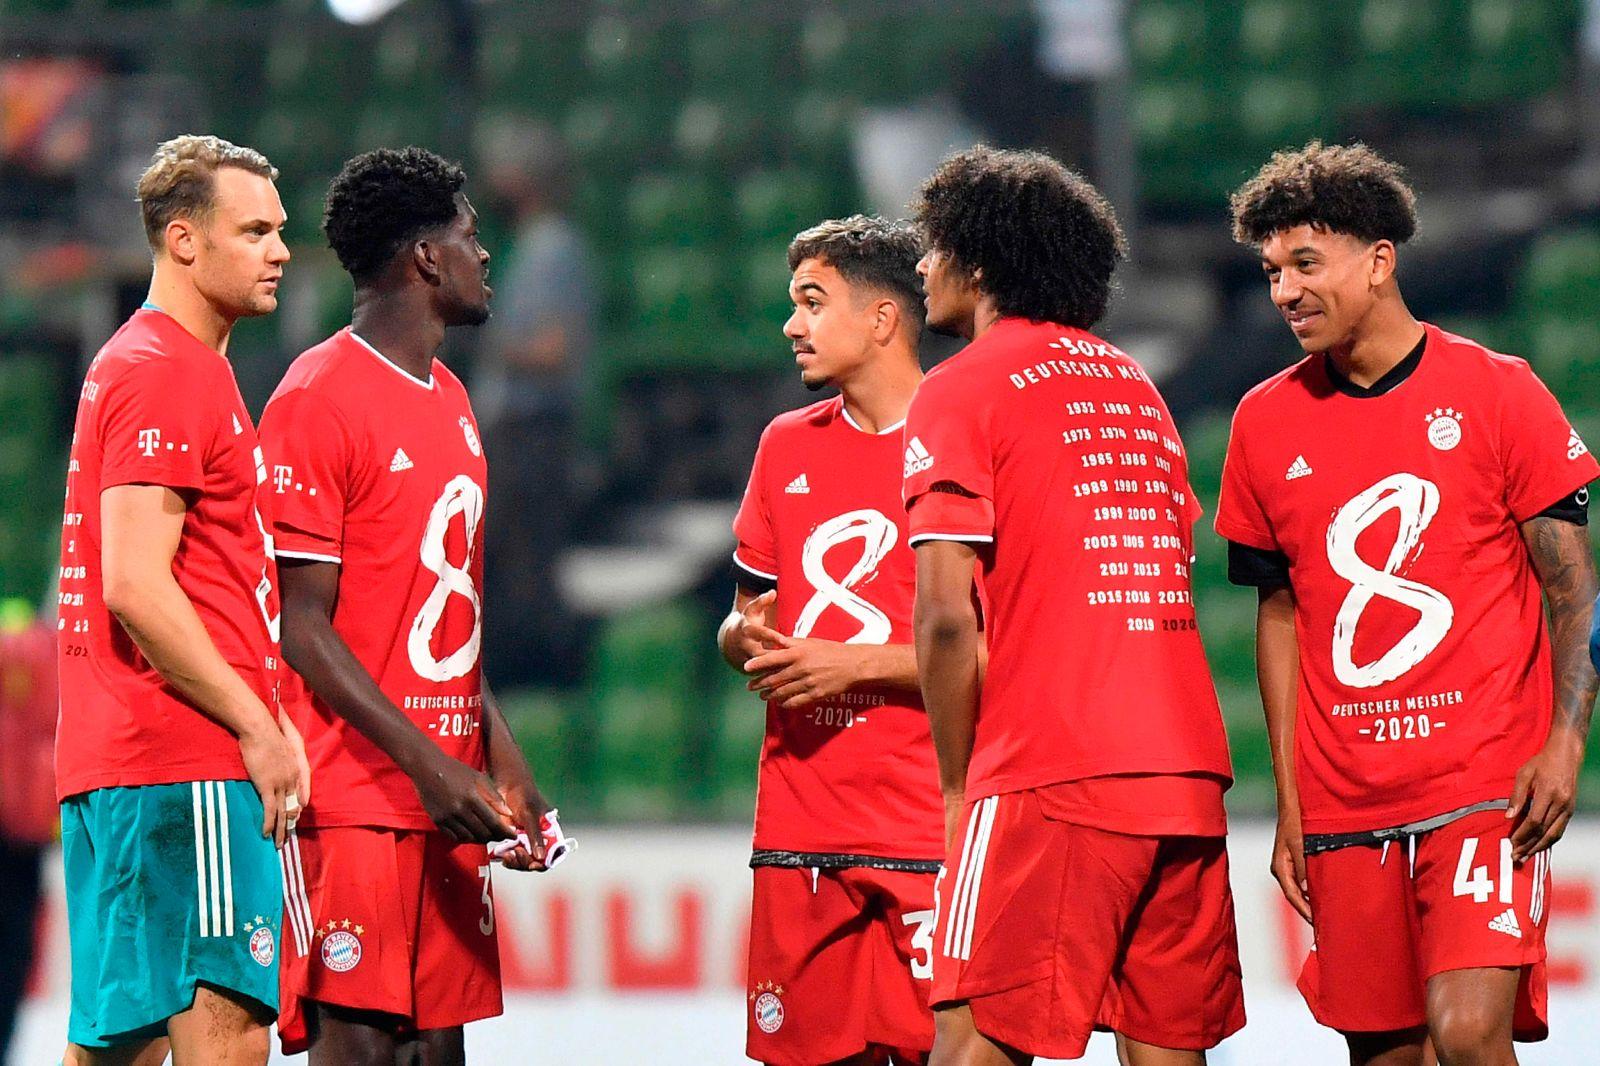 Meisterfeier Bayern MГјnchen 2021